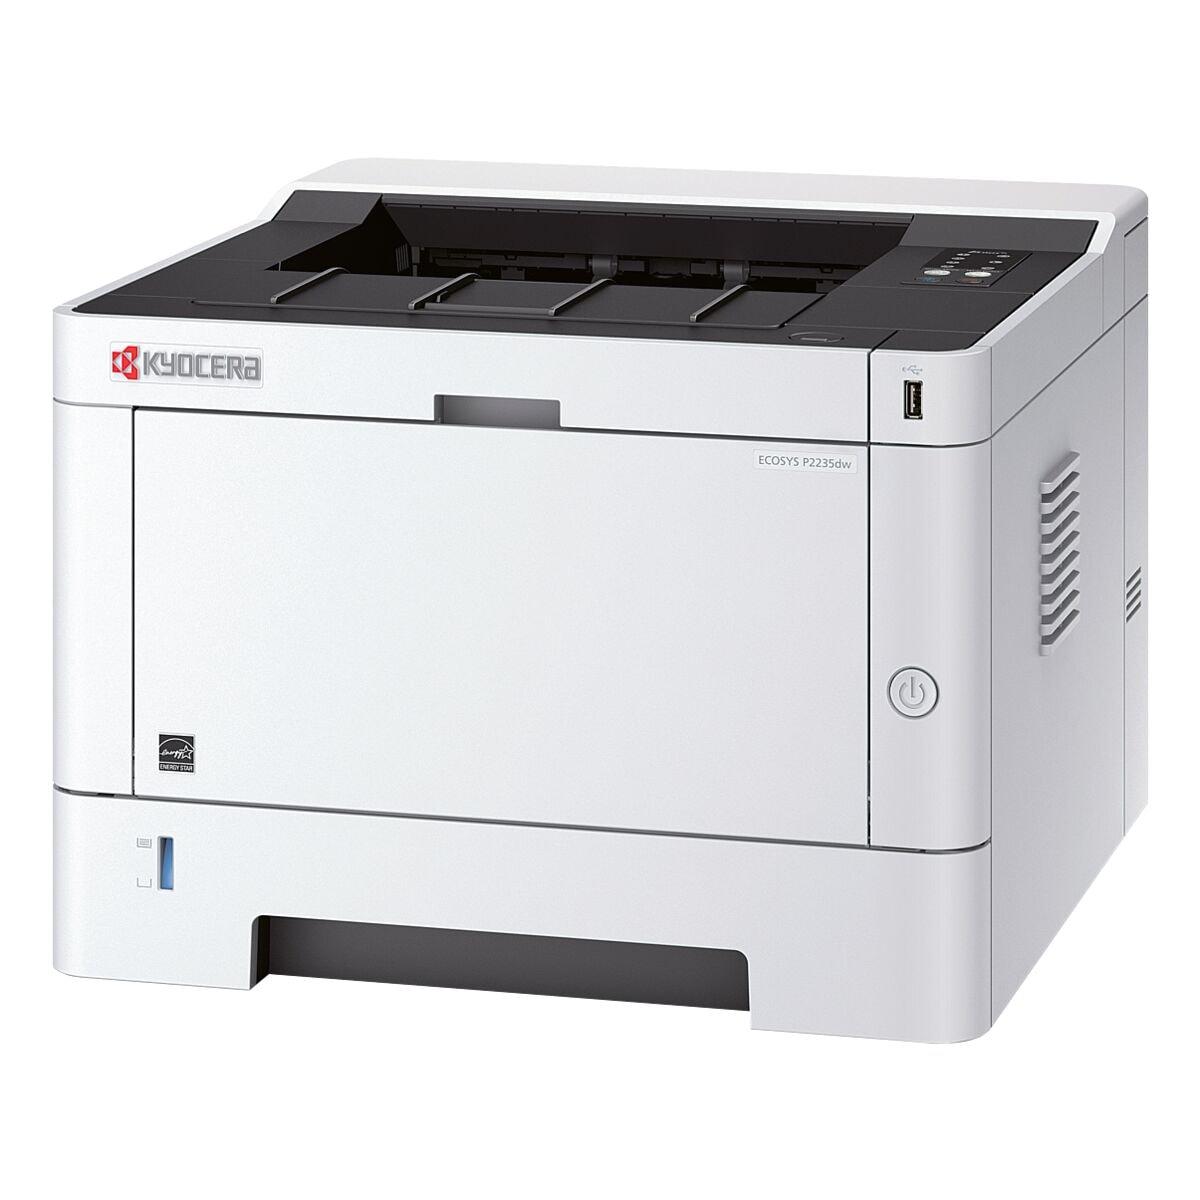 Kyocera ECOSYS P2235DW Laserdrucker, A4 schwarz weiß Laserdrucker, 1200 x 1200 dpi, mit WLAN und LAN